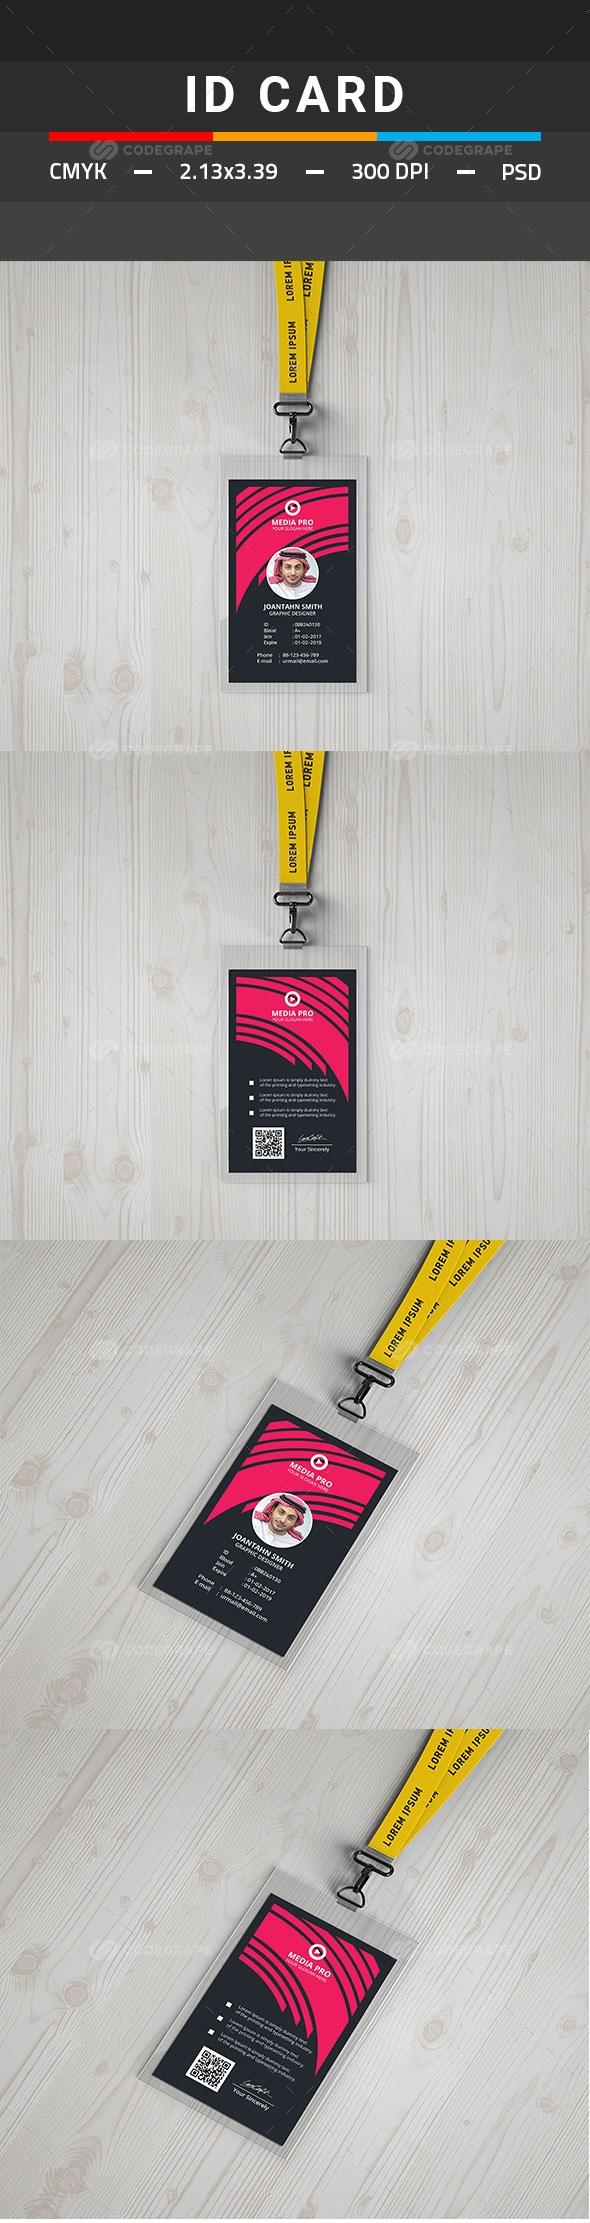 ID Card | work | Pinterest | Tarjetas de presentación, Tarjetas y Utiles